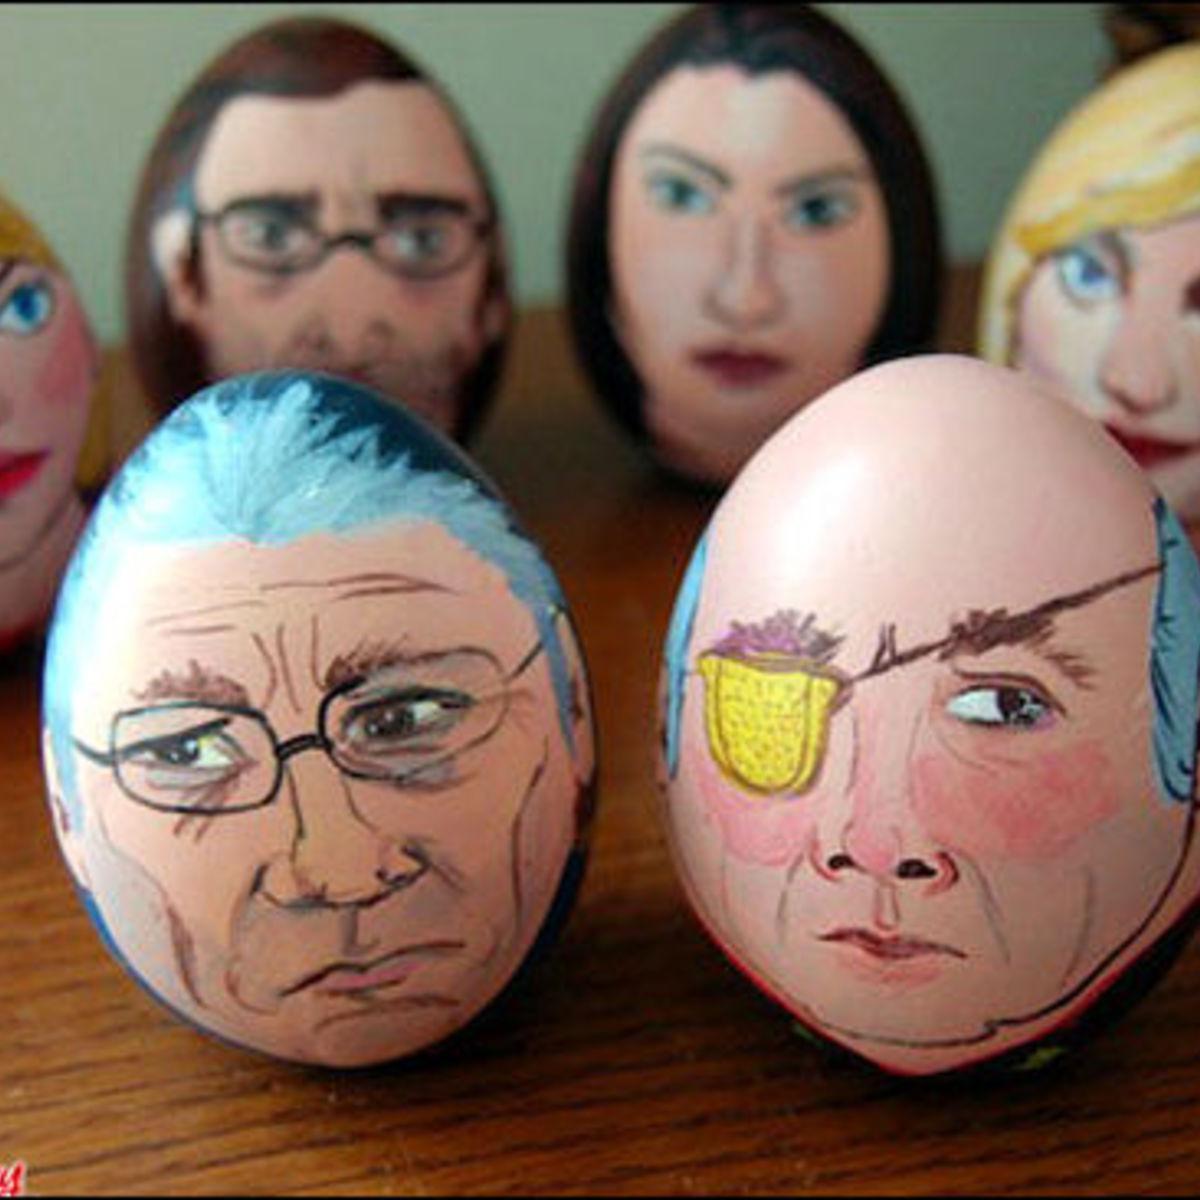 Battlestar_Easter_eggs.jpg